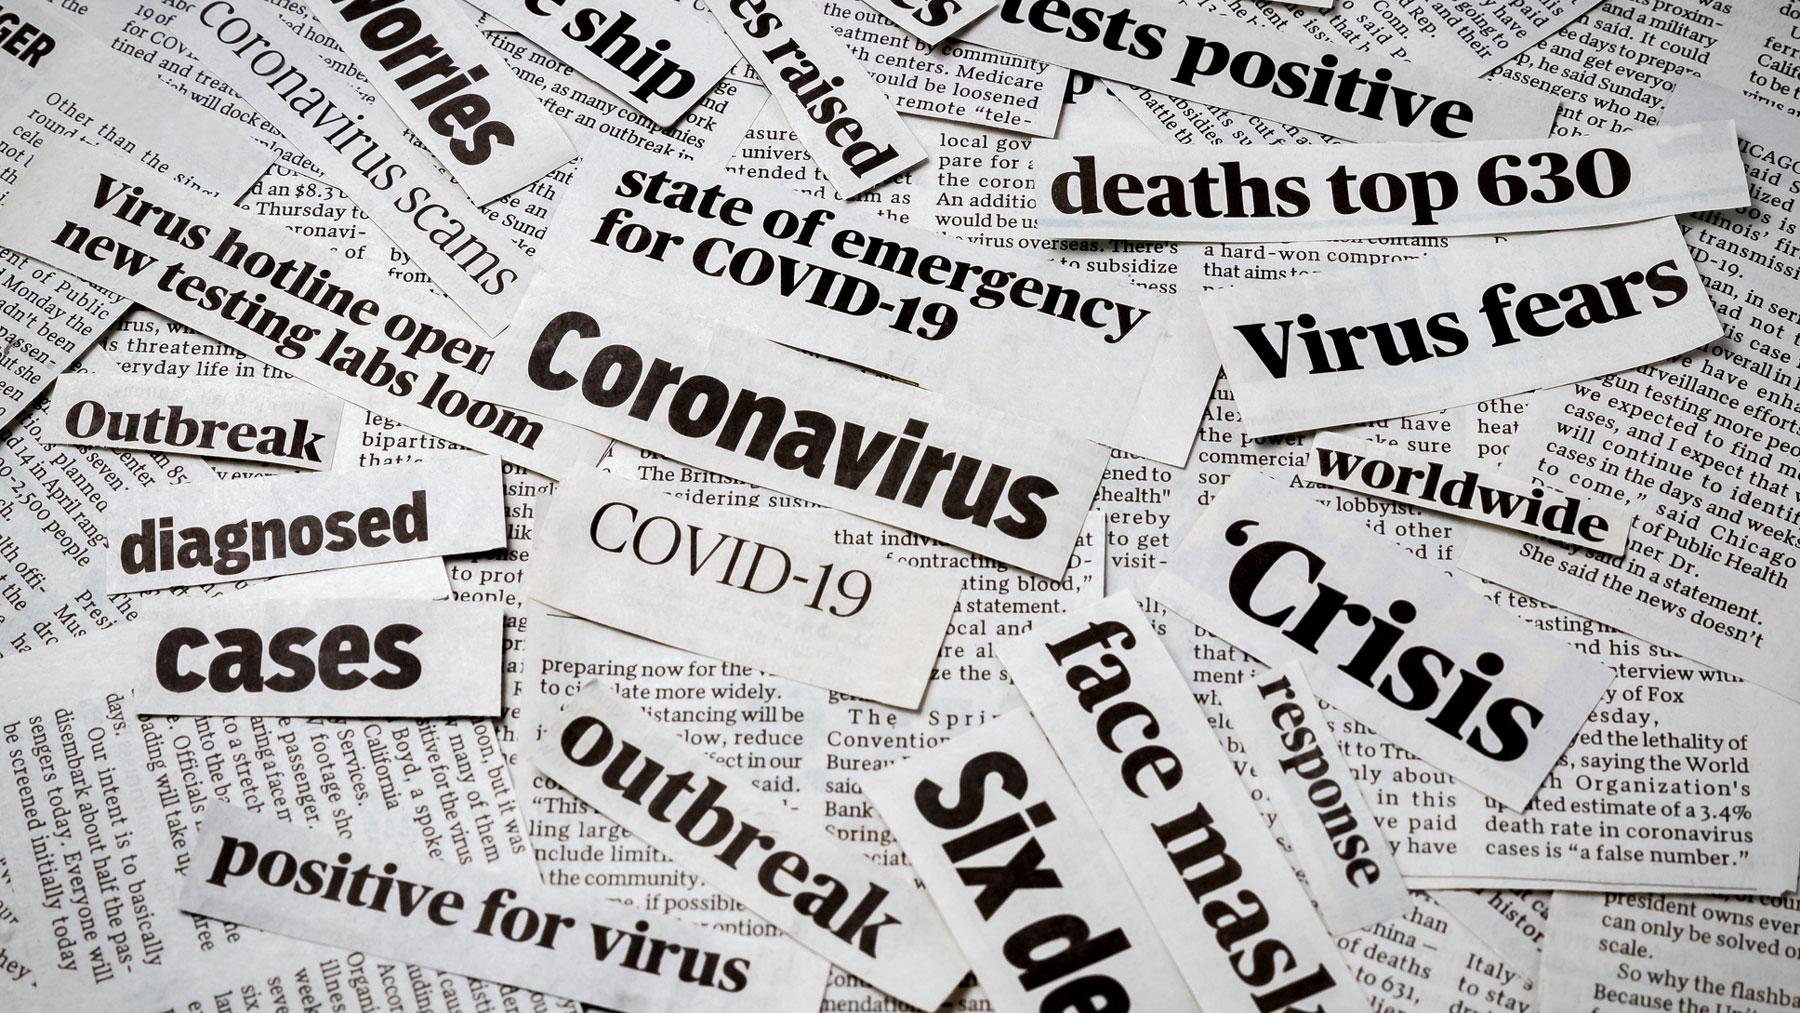 Cum poate supraviețui mass-media vremurilor COVID și post-pandemie